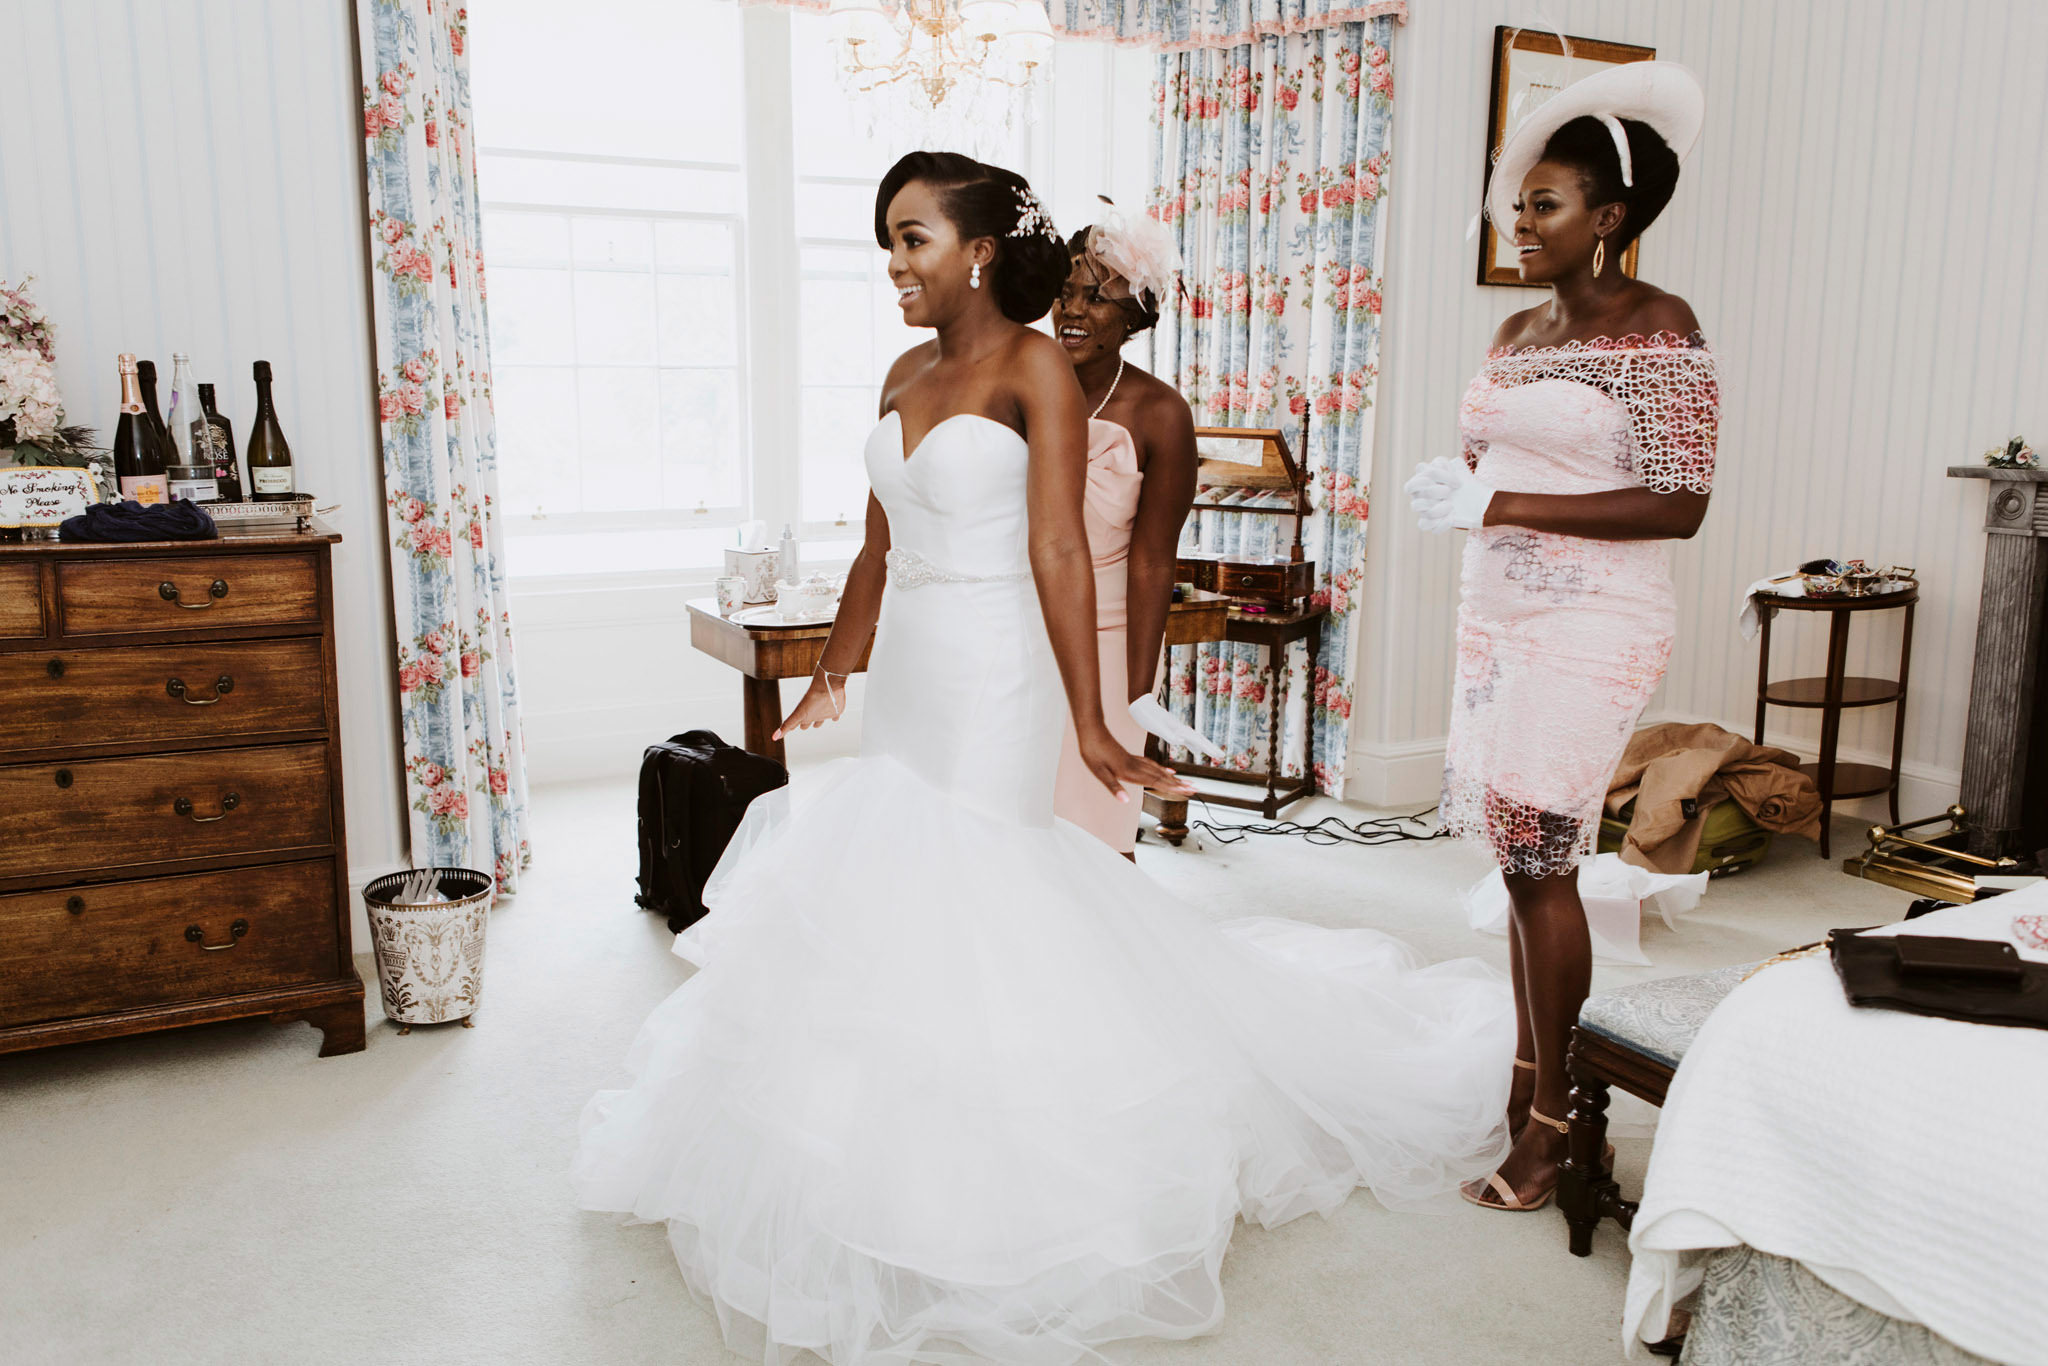 scotland-wedding-elopement-photographer-017.jpg